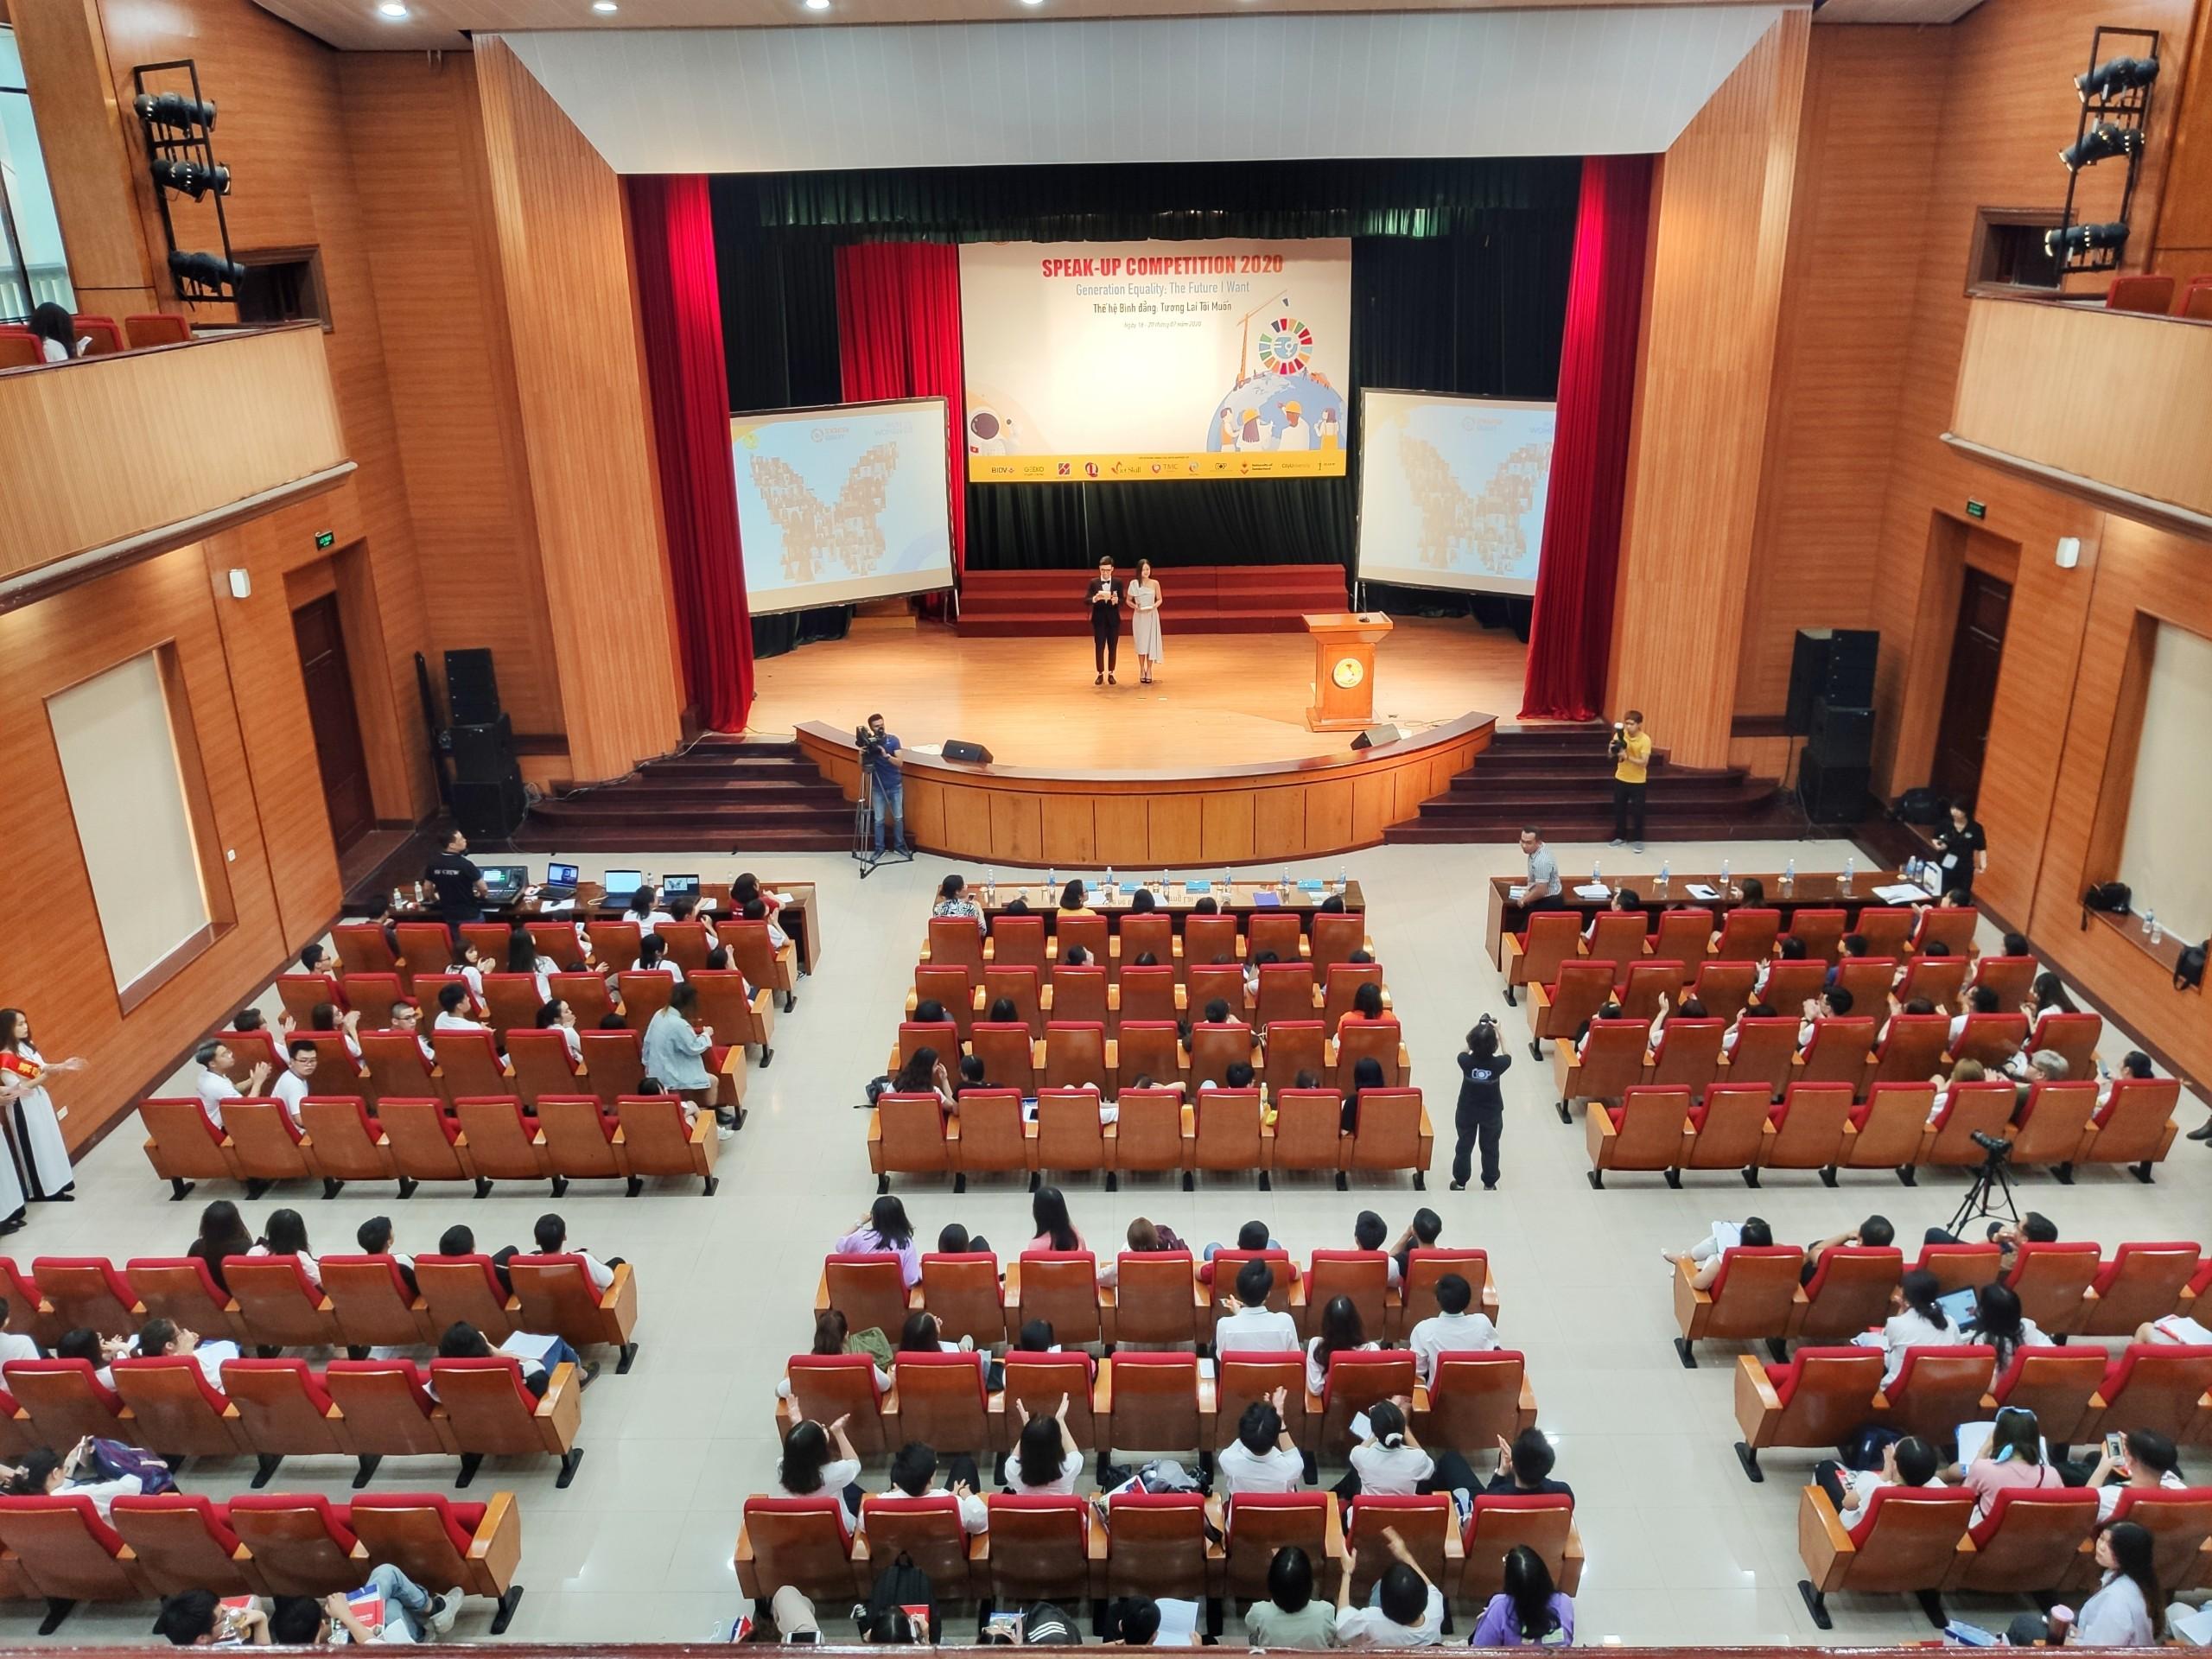 Lễ khai mạc vòng chung kết Speak Up Competition 2020